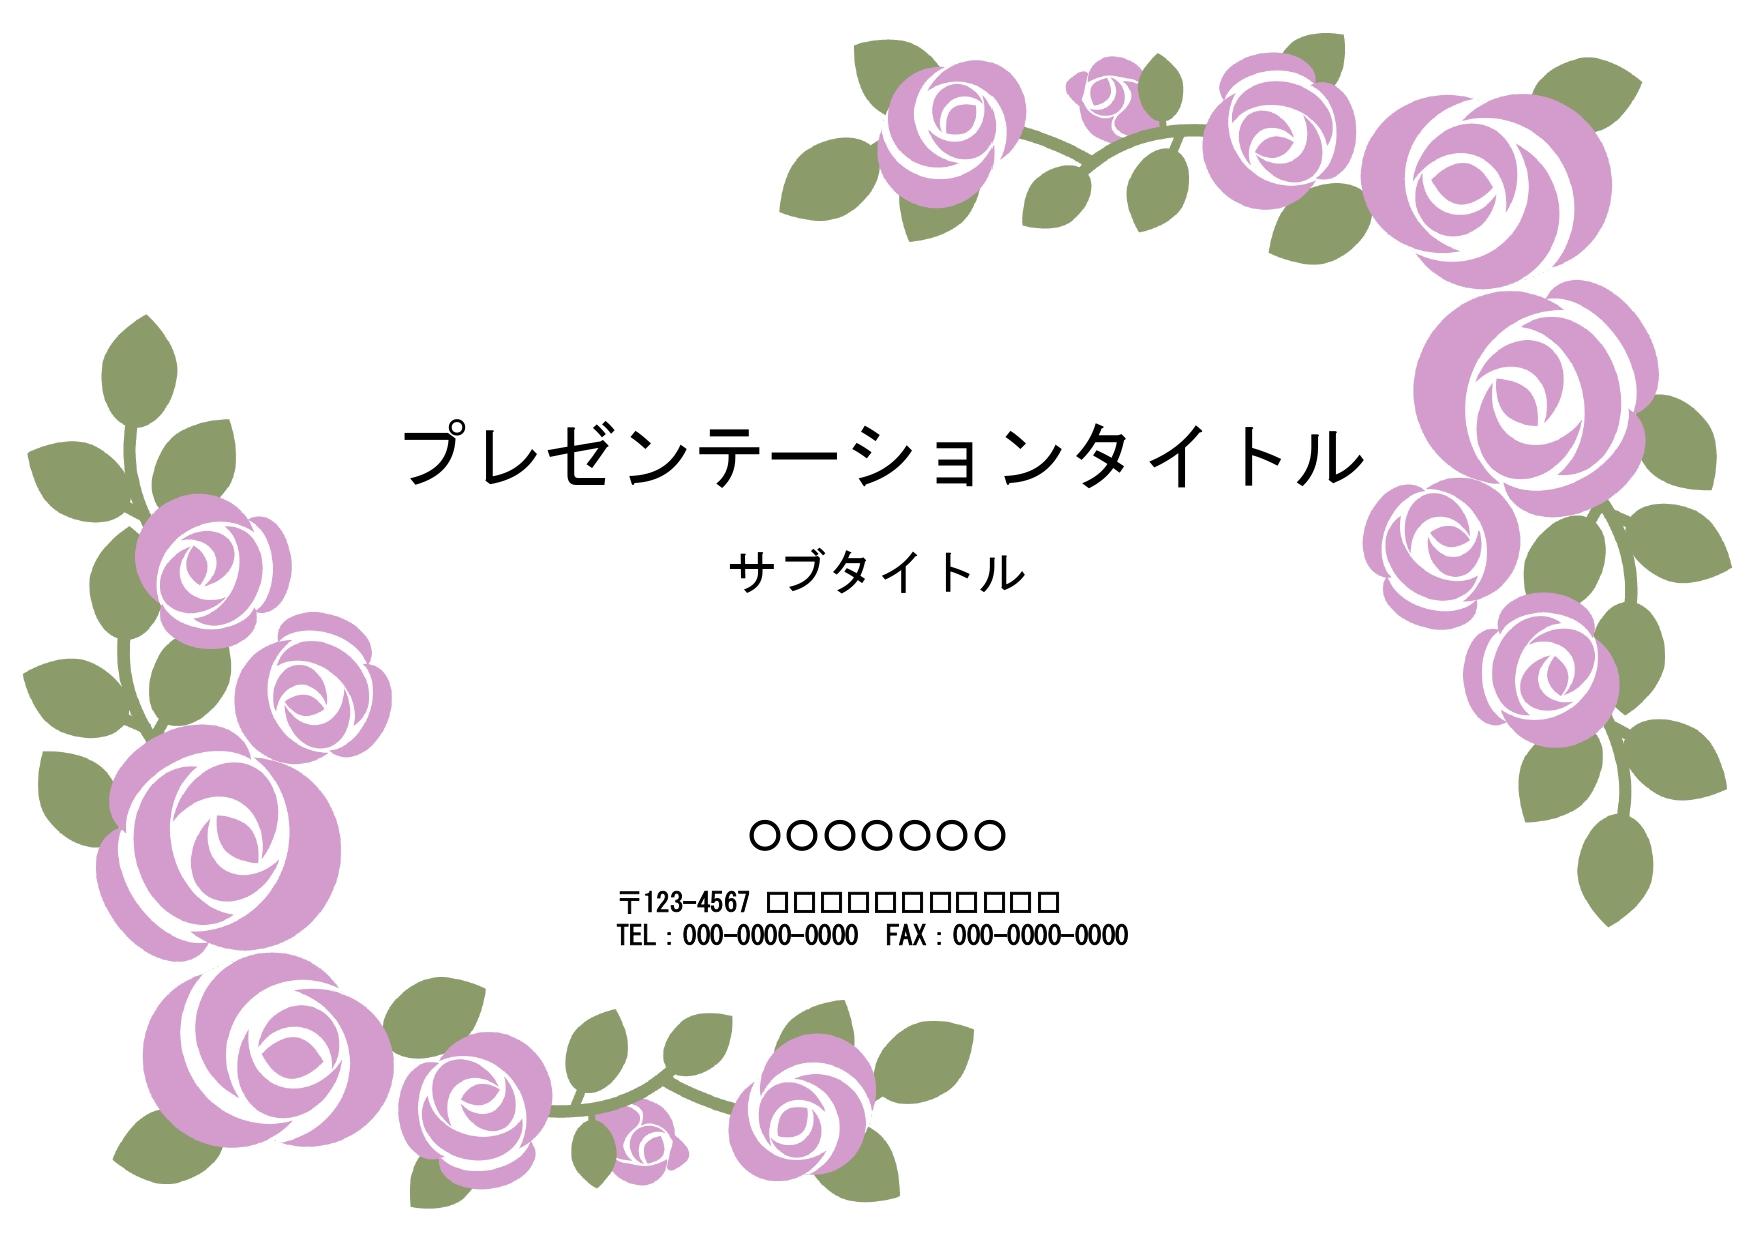 薔薇の花の背景「パープル」の表紙